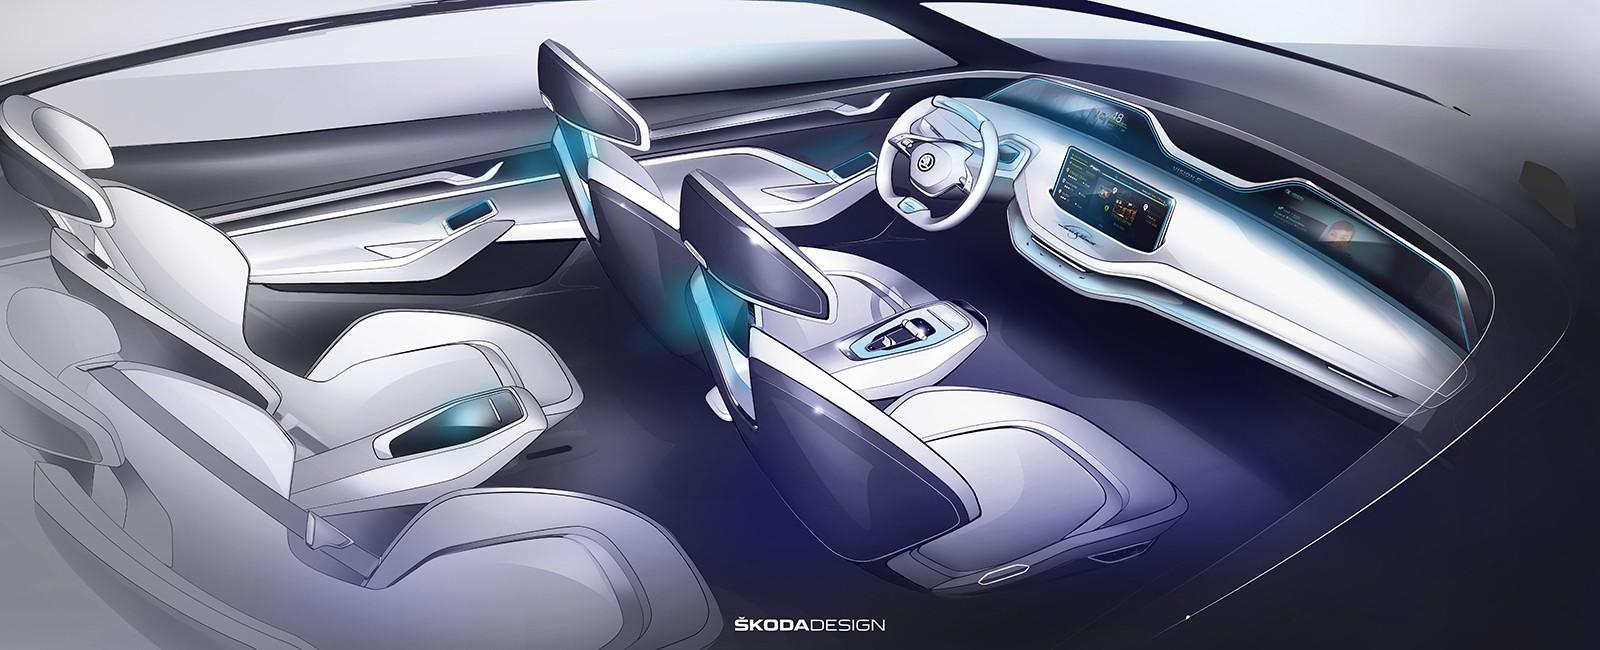 У Skoda Vision E нет центральной стойки